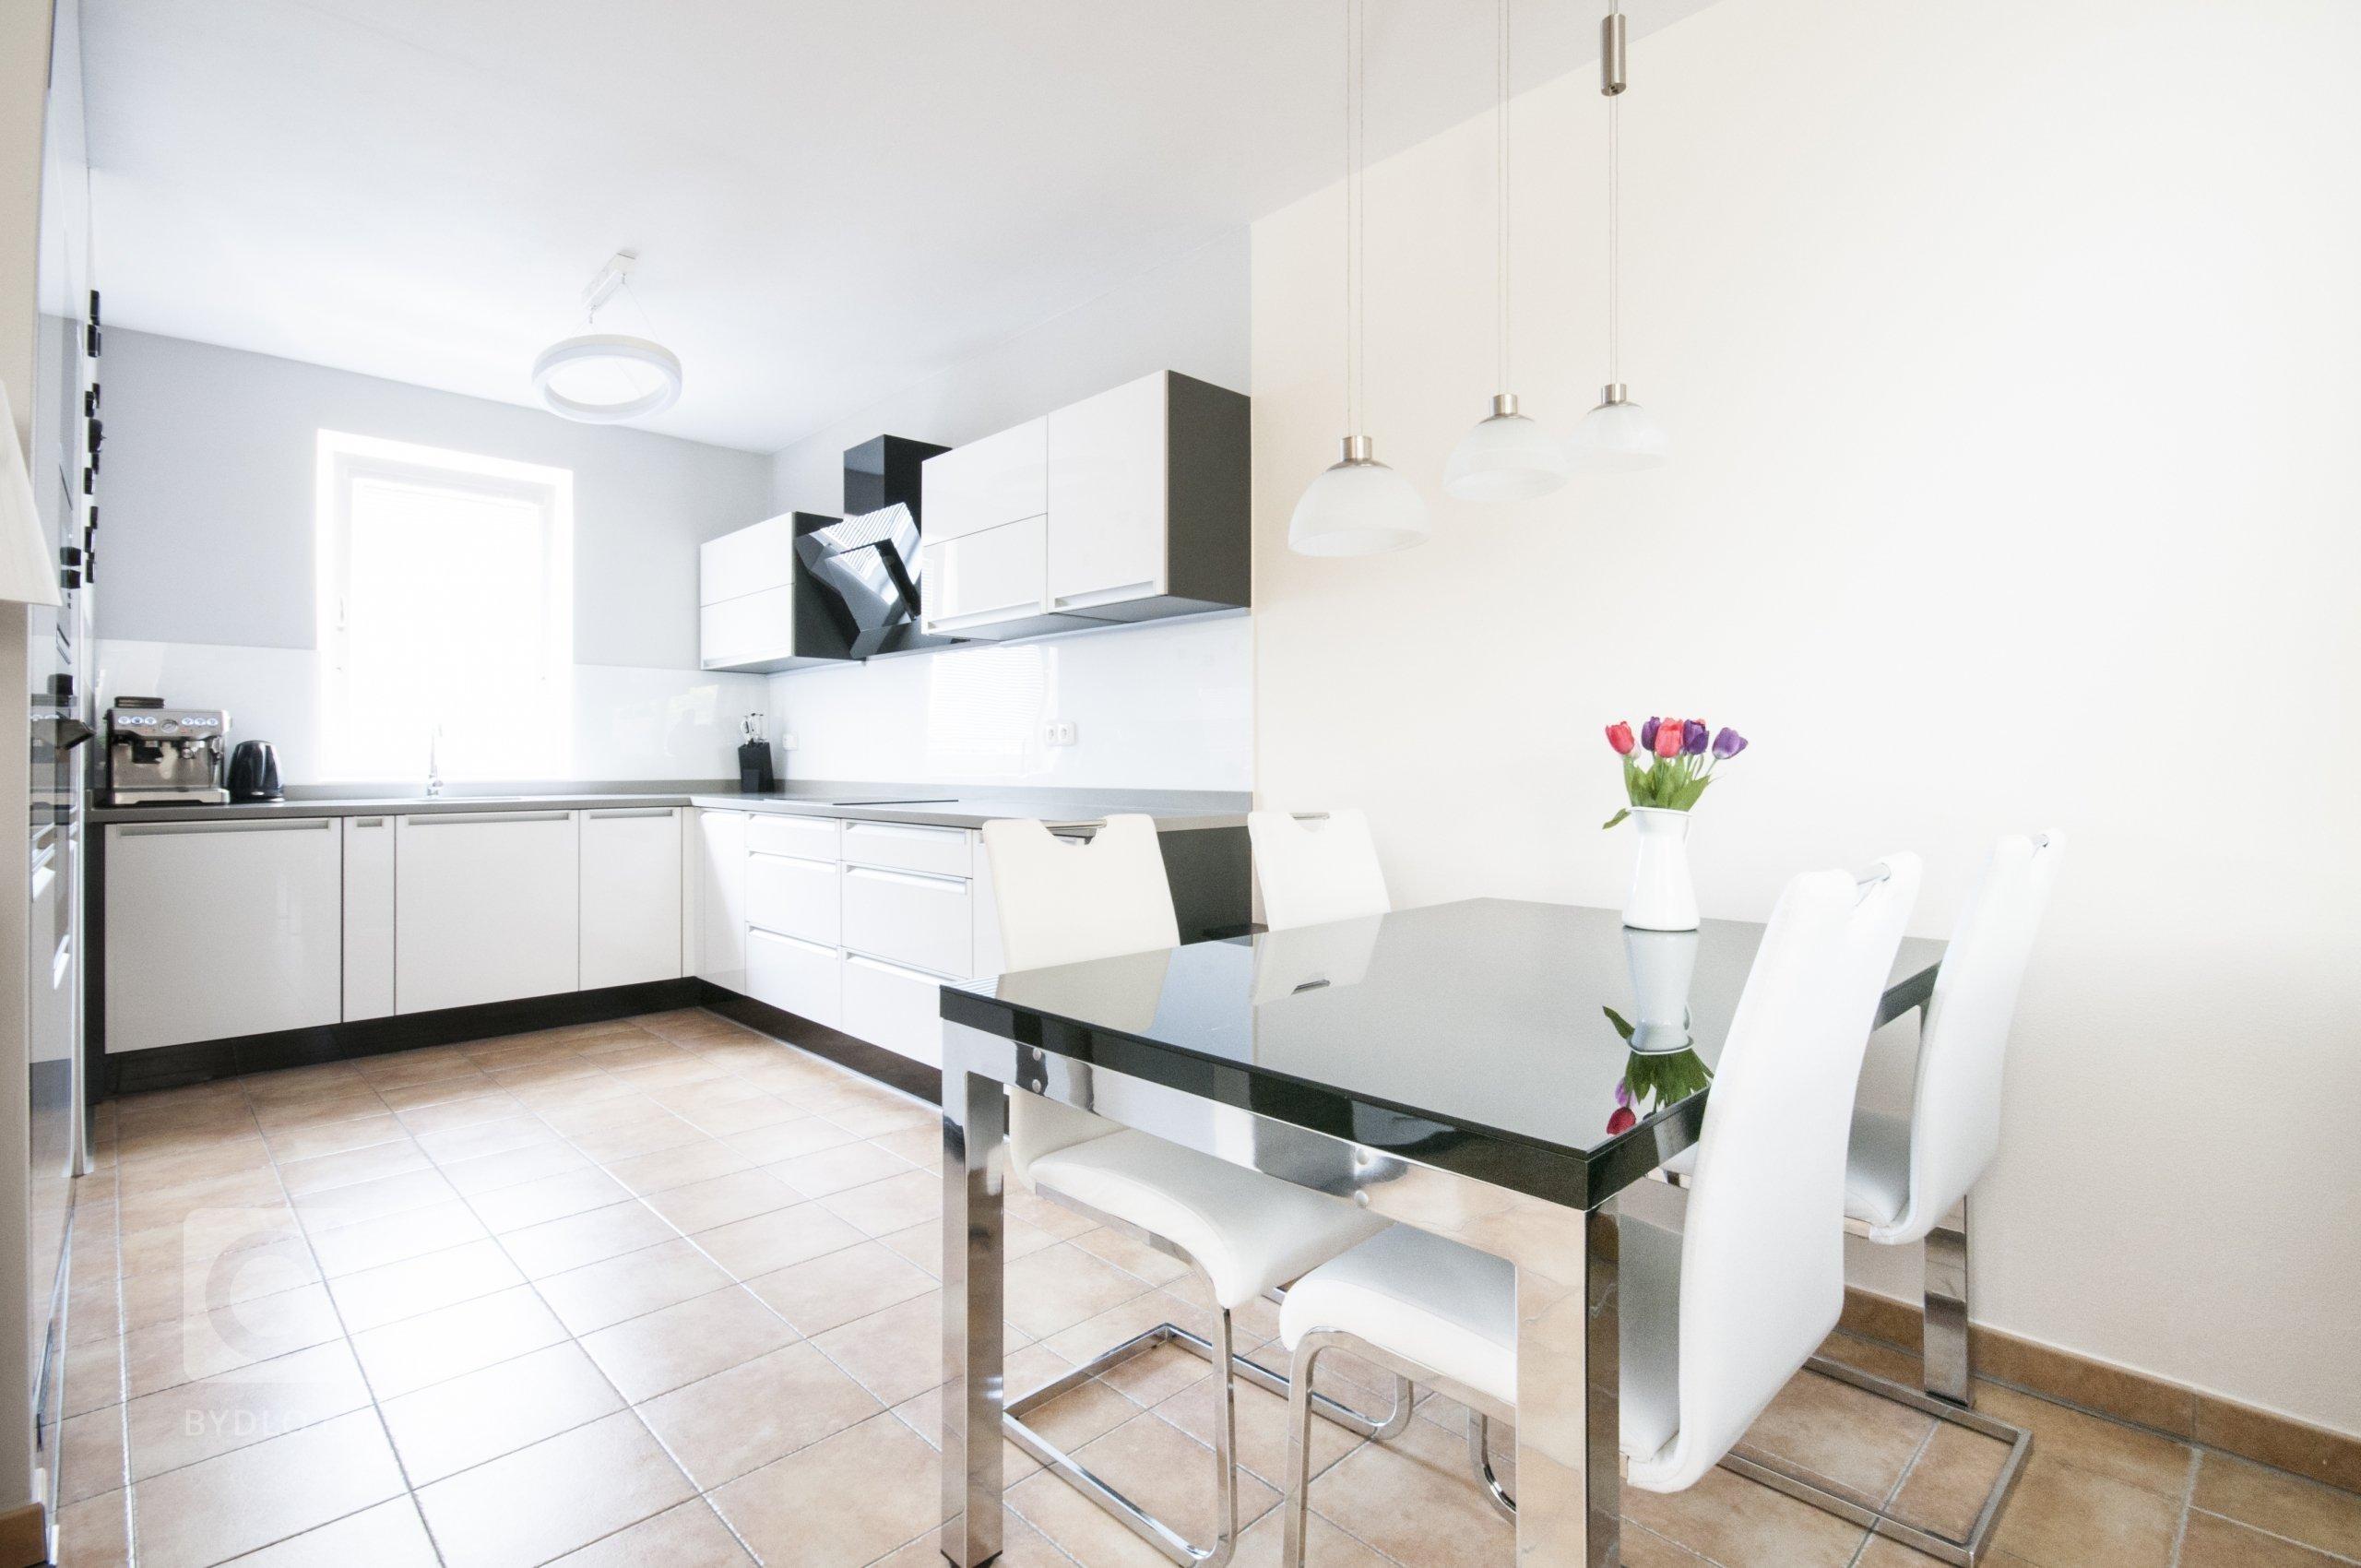 Elegantní a jednoduchá kuchyň sází na výrazný kontrast bílých a černých ploch. Lesklá dvířka a obklad kladou vyšší nároky na údržbu, ty jsou však bohatě…